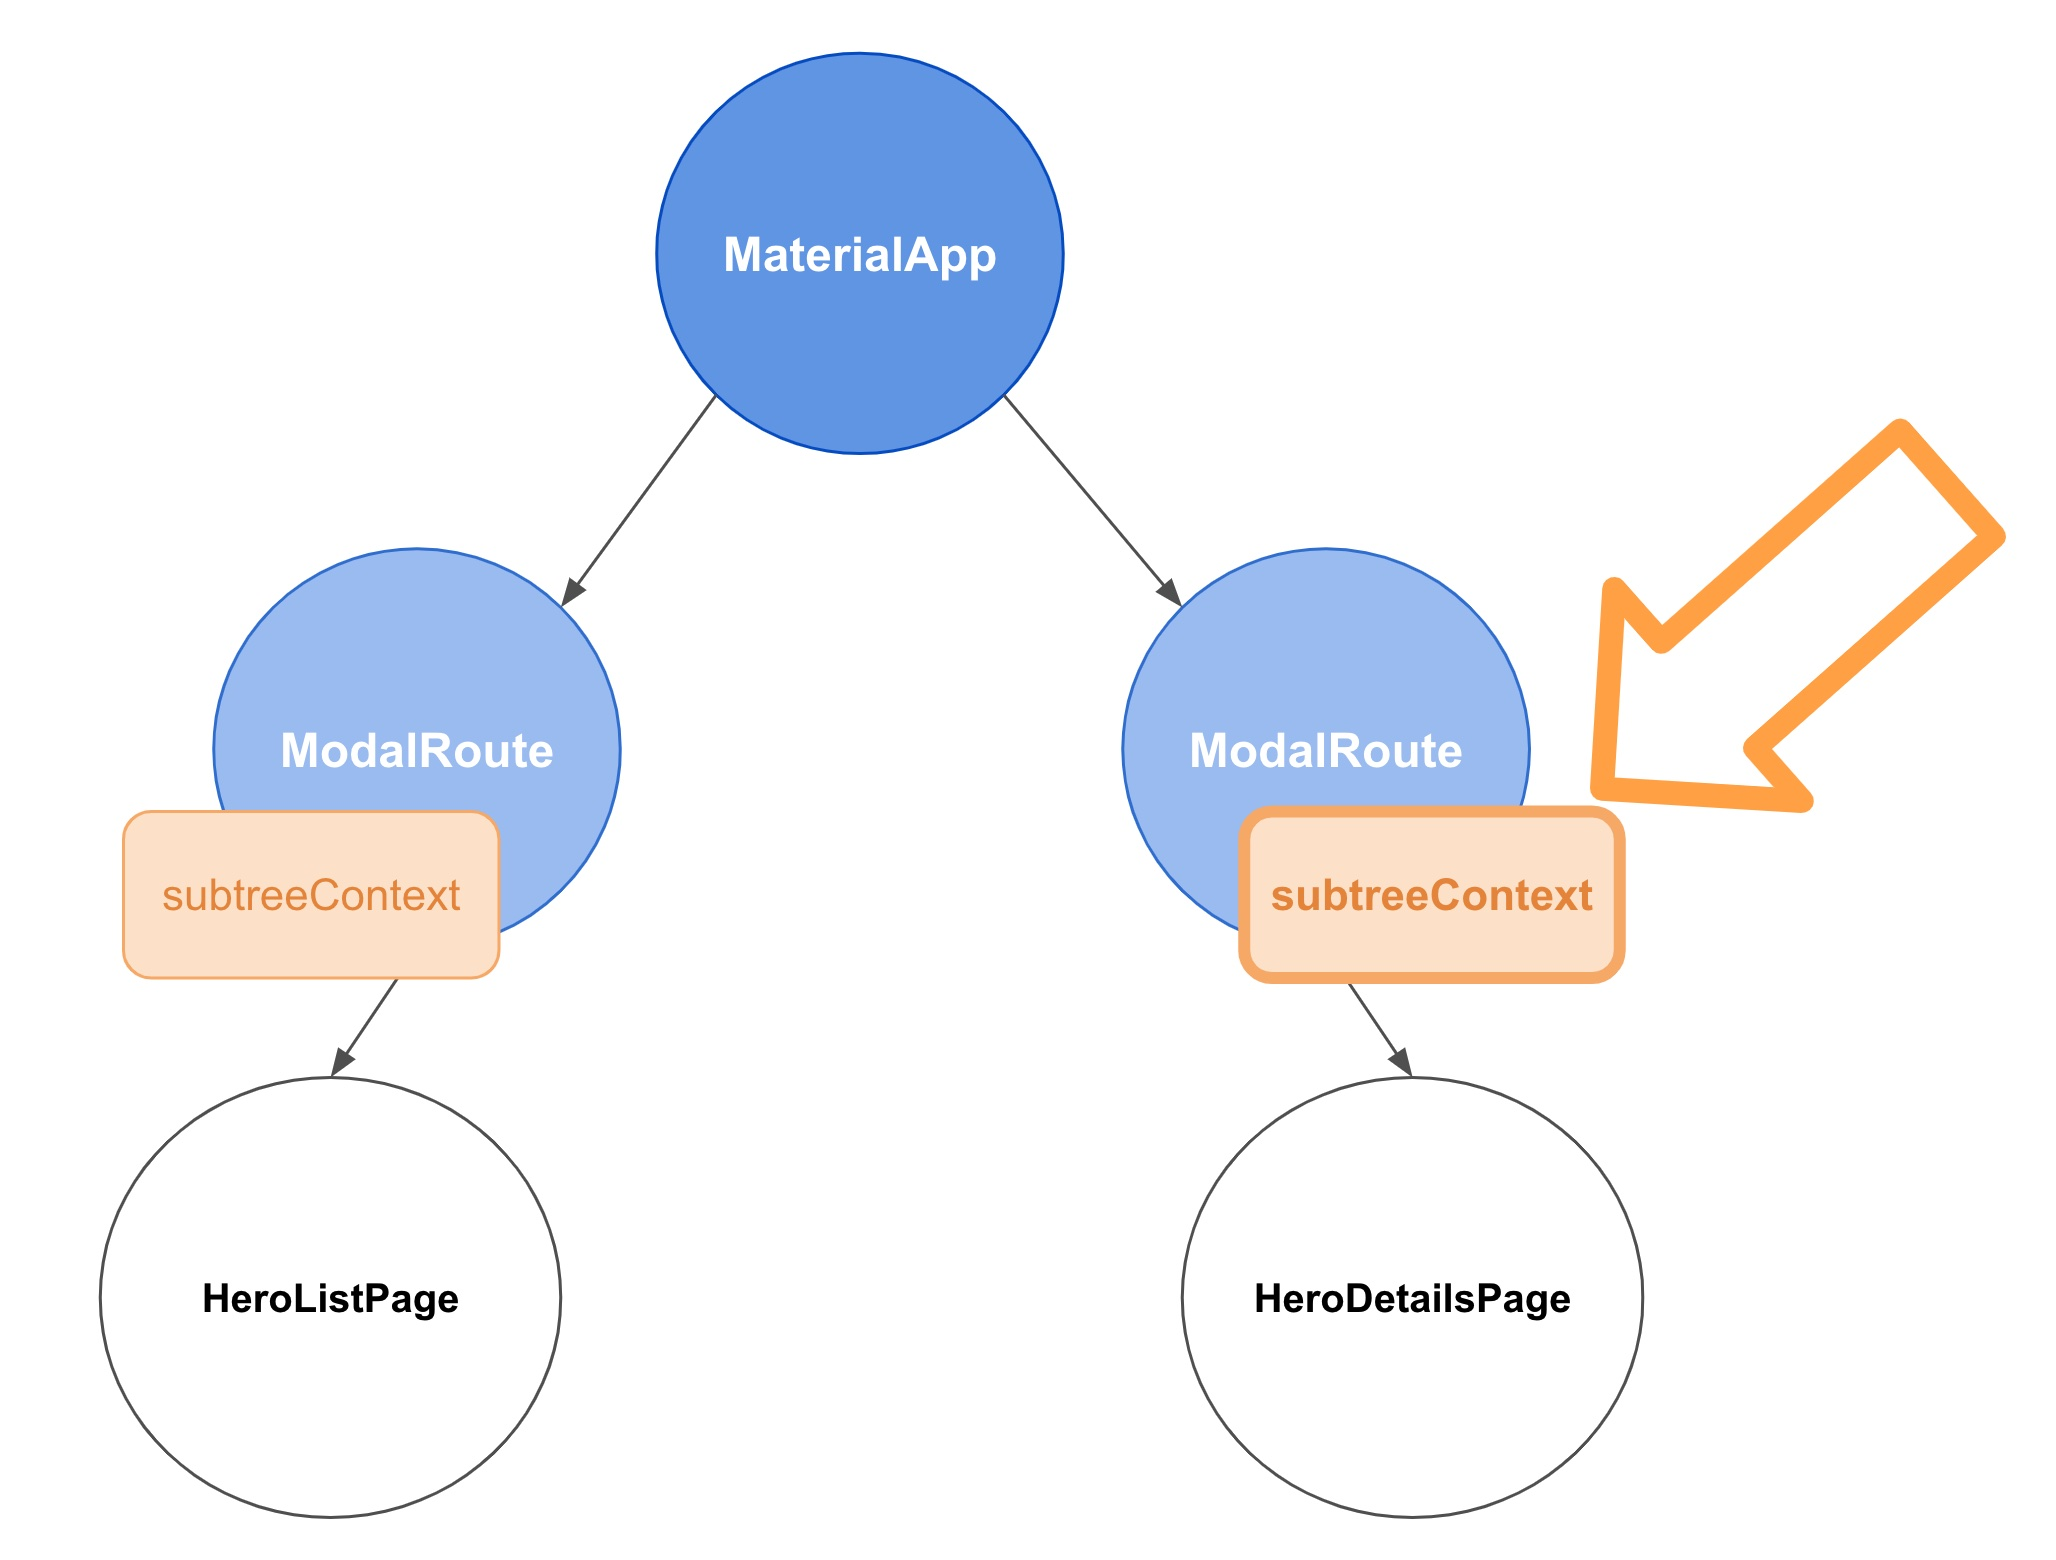 ModalRoute.subtreeContext